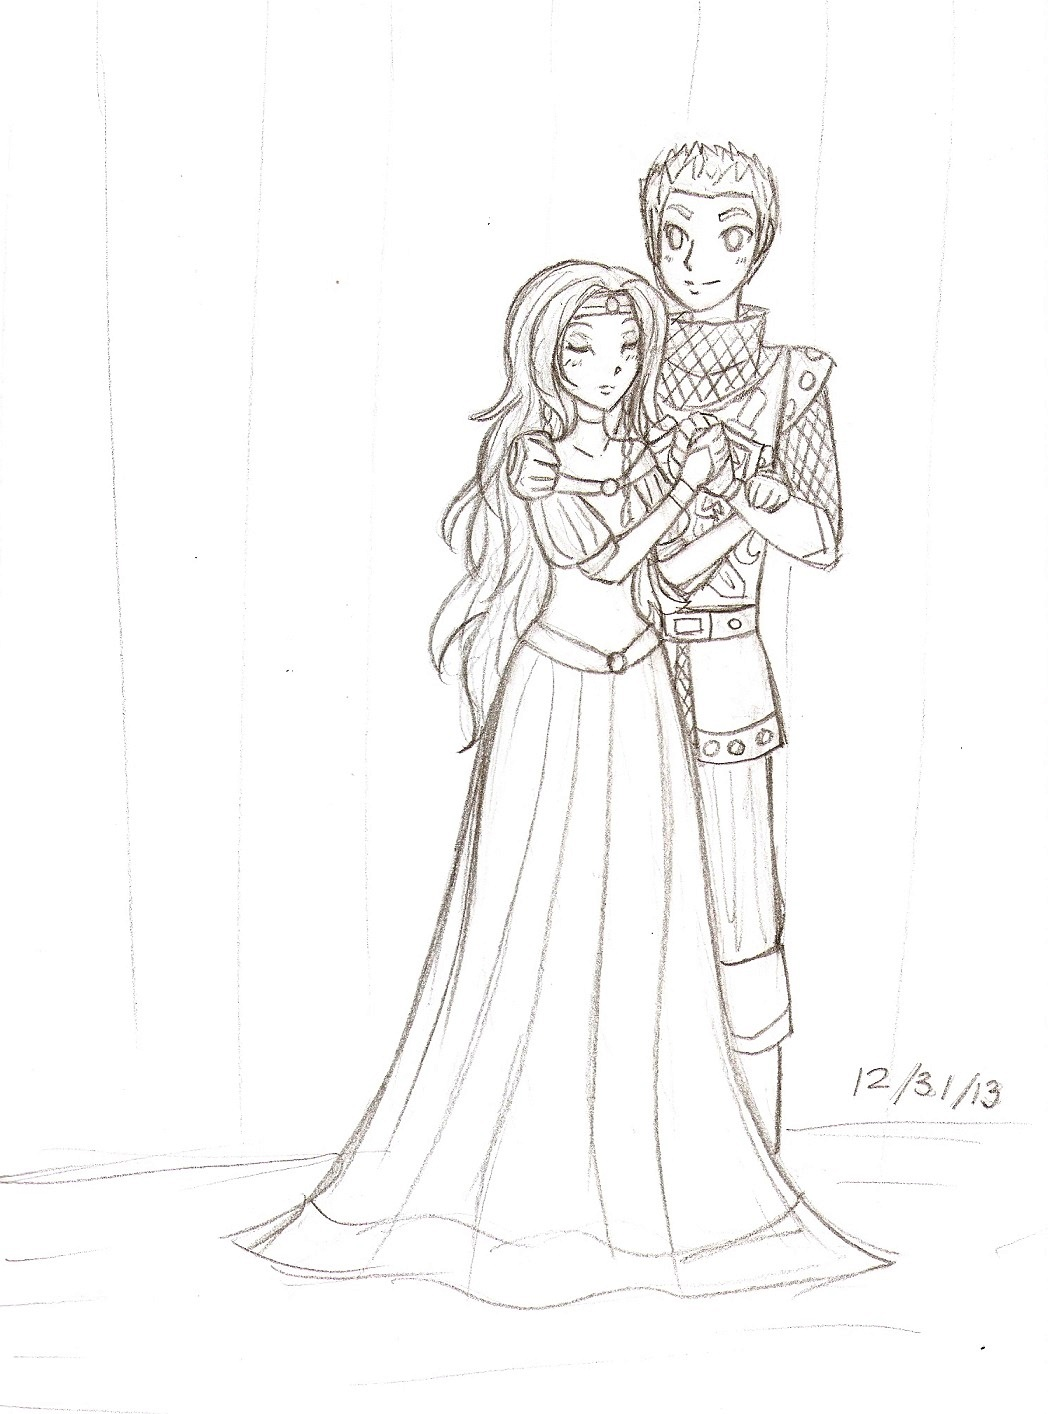 Royal couple lineart.